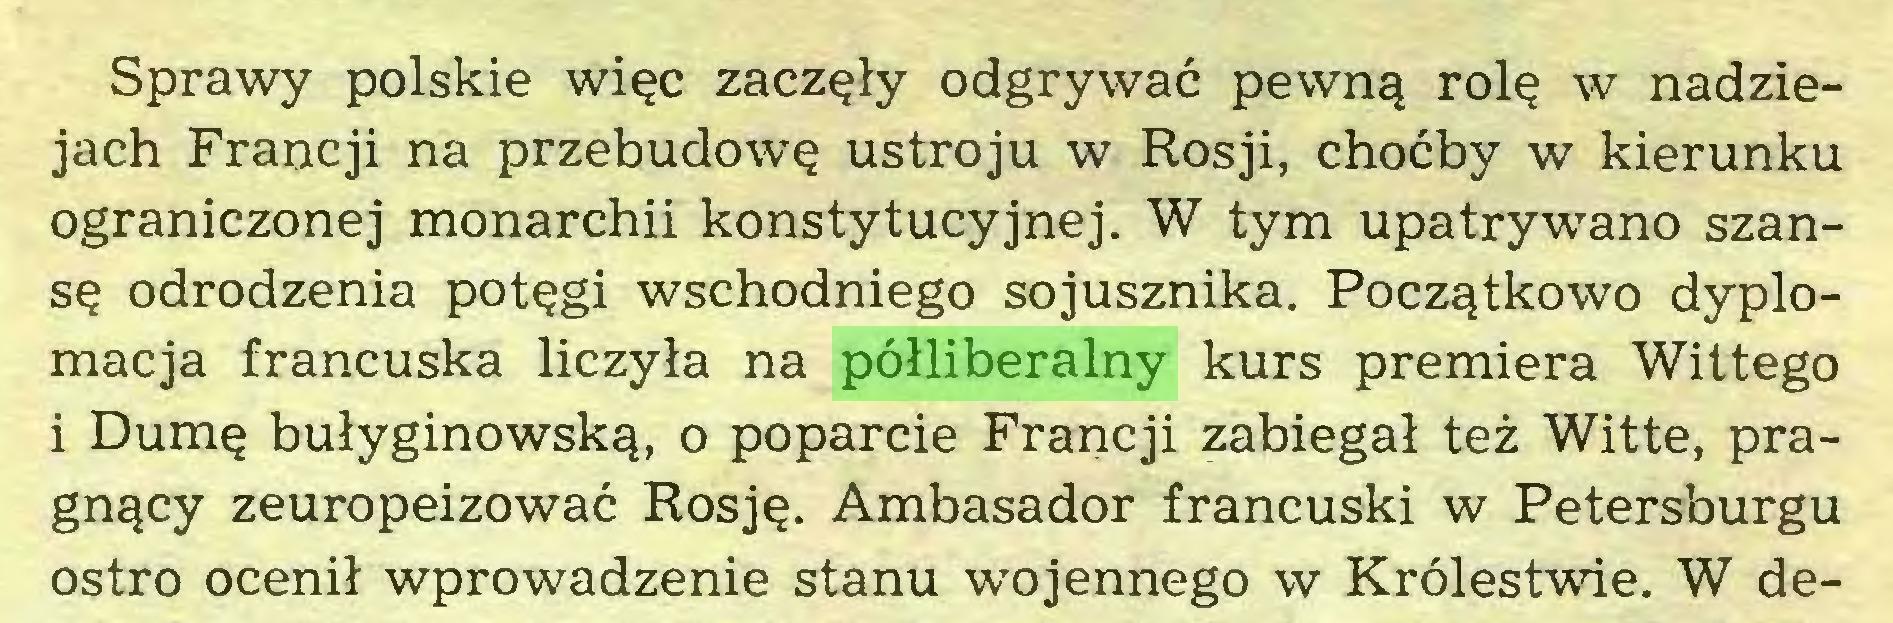 (...) Sprawy polskie więc zaczęły odgrywać pewną rolę w nadziejach Francji na przebudowę ustroju w Rosji, choćby w kierunku ograniczonej monarchii konstytucyjnej. W tym upatrywano szansę odrodzenia potęgi wschodniego sojusznika. Początkowo dyplomacja francuska liczyła na półliberalny kurs premiera Wittego i Dumę bułyginowską, o poparcie Francji zabiegał też Witte, pragnący zeuropeizować Rosję. Ambasador francuski w Petersburgu ostro ocenił wprowadzenie stanu wojennego w Królestwie. W de...